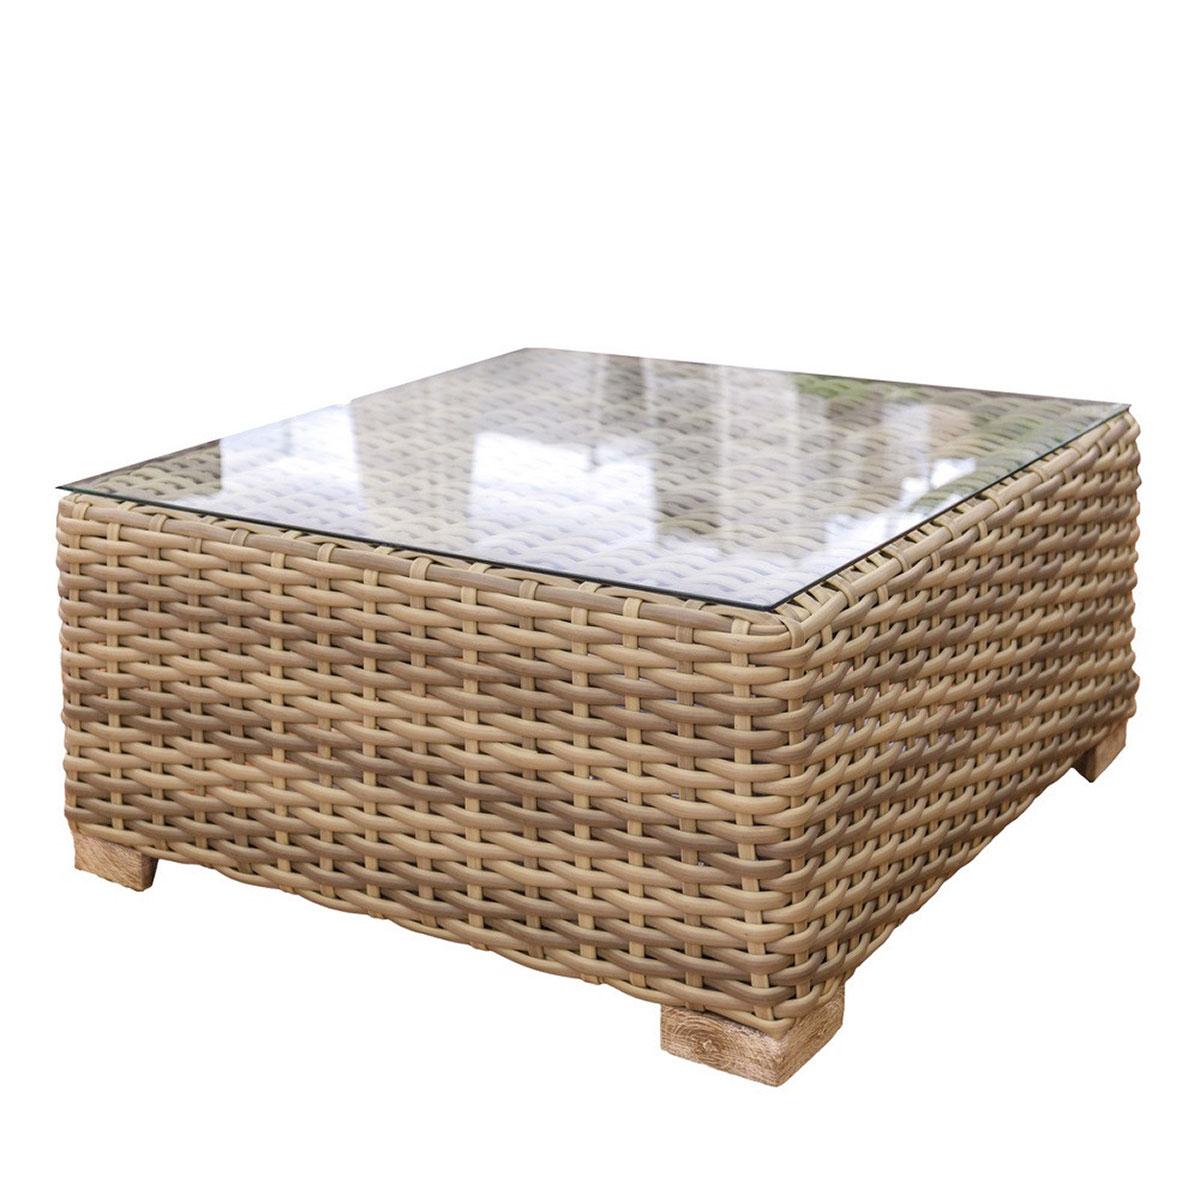 Table d'extérieur en rotin - Marron - 80.00 cm x 80.00 cm x 38.00 cm